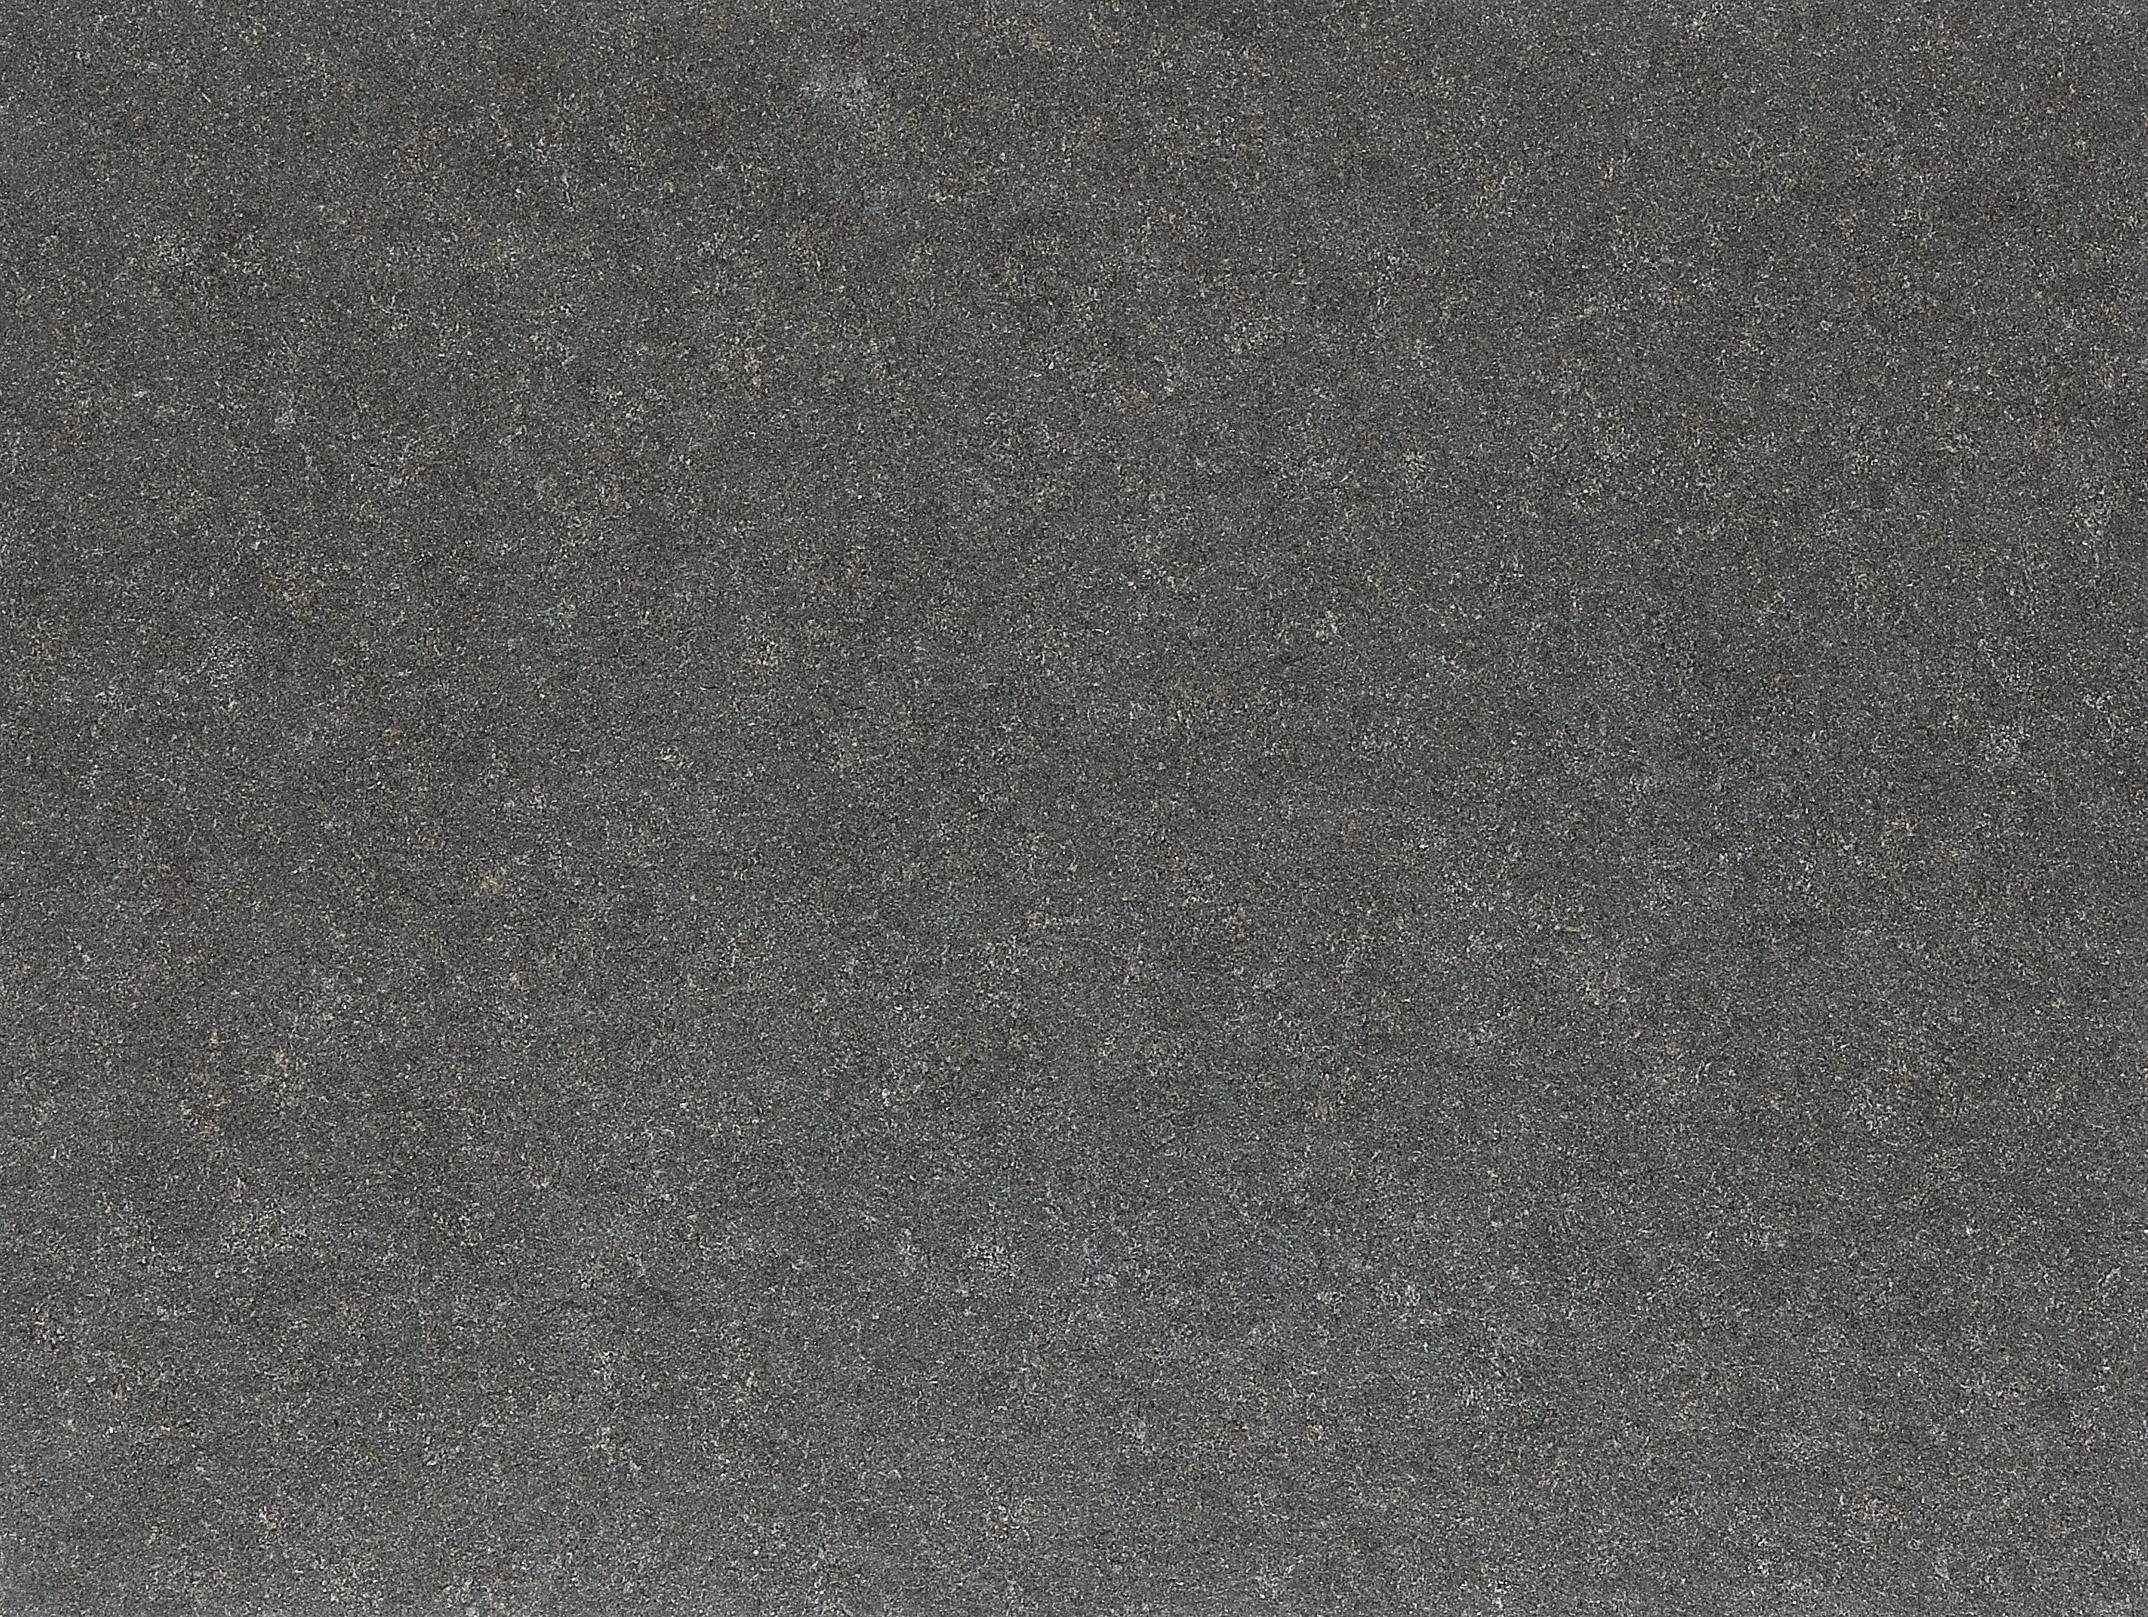 granit noir zimbabwe flamm table en granit noir zimbabwe finition cuir noir zimbabwe click to. Black Bedroom Furniture Sets. Home Design Ideas